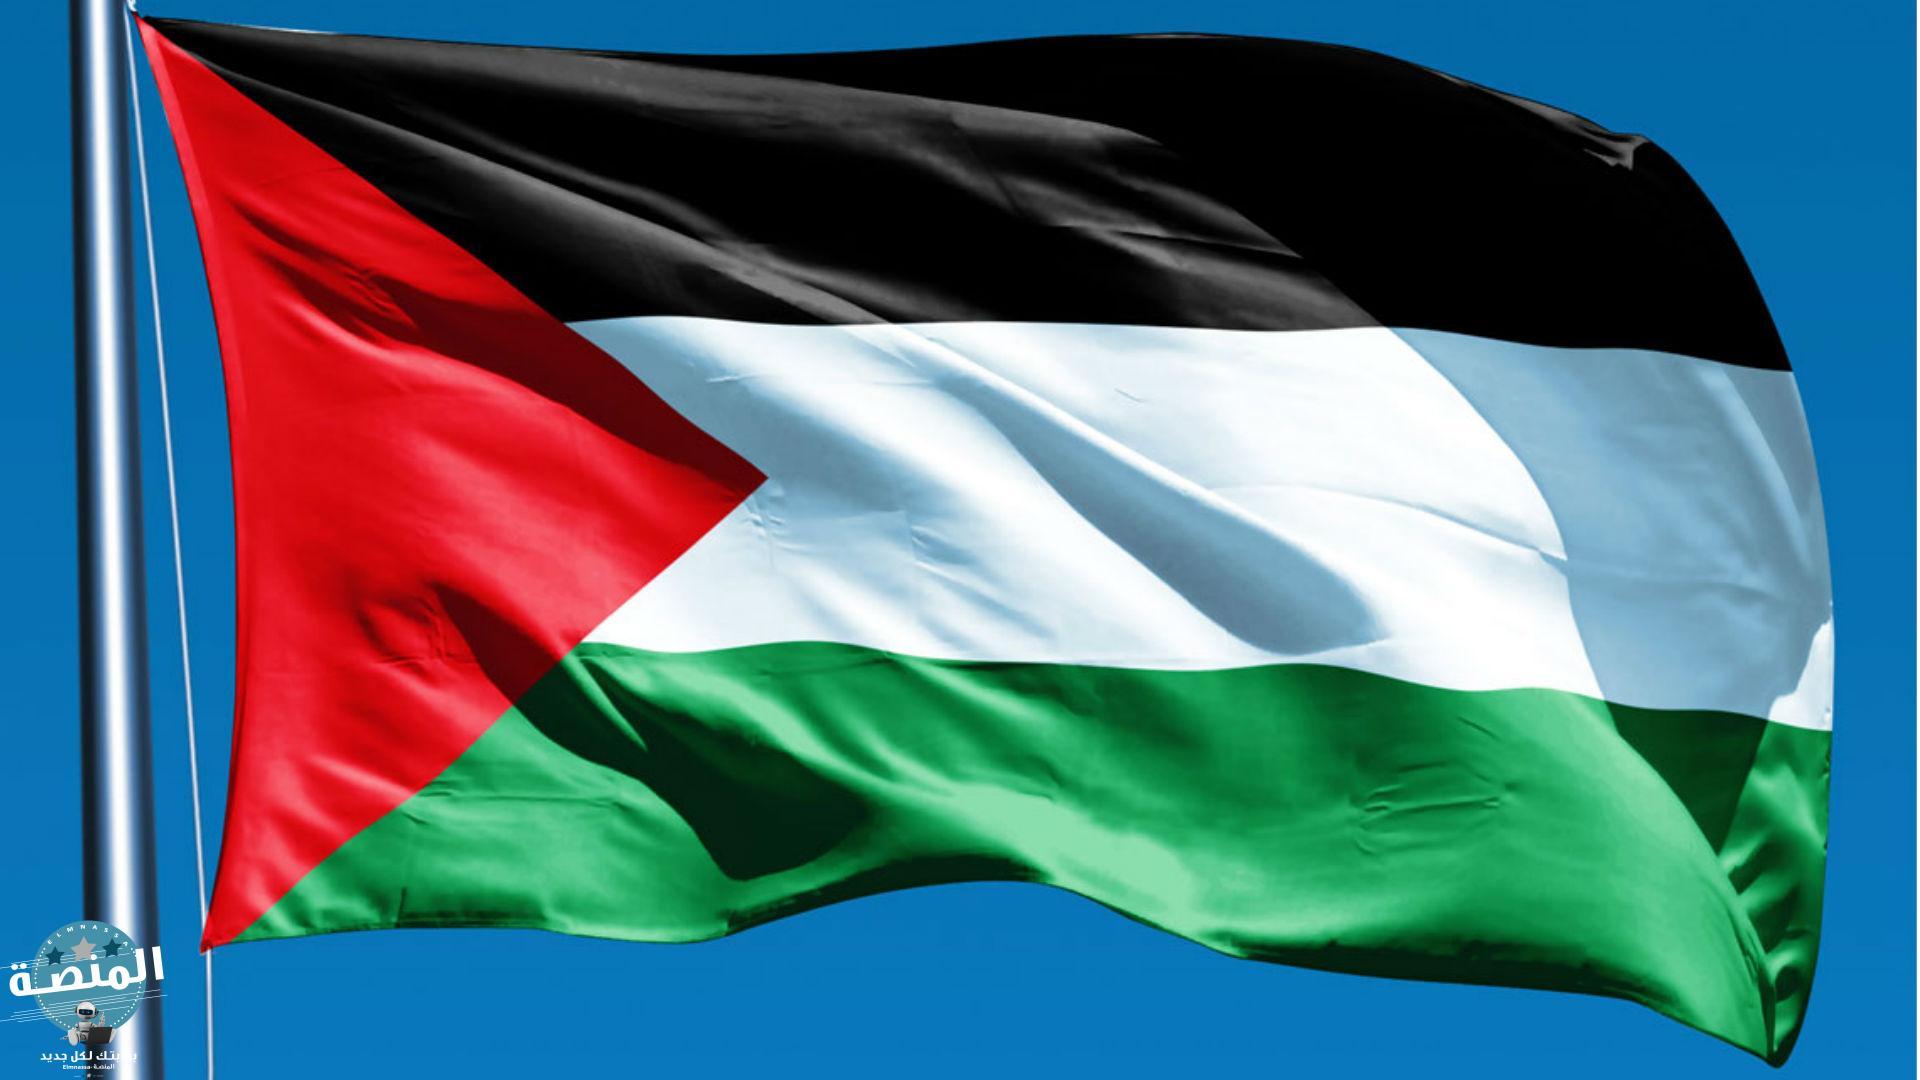 تاريخ فلسطين و معلومات عن الدولة الفلسطينية